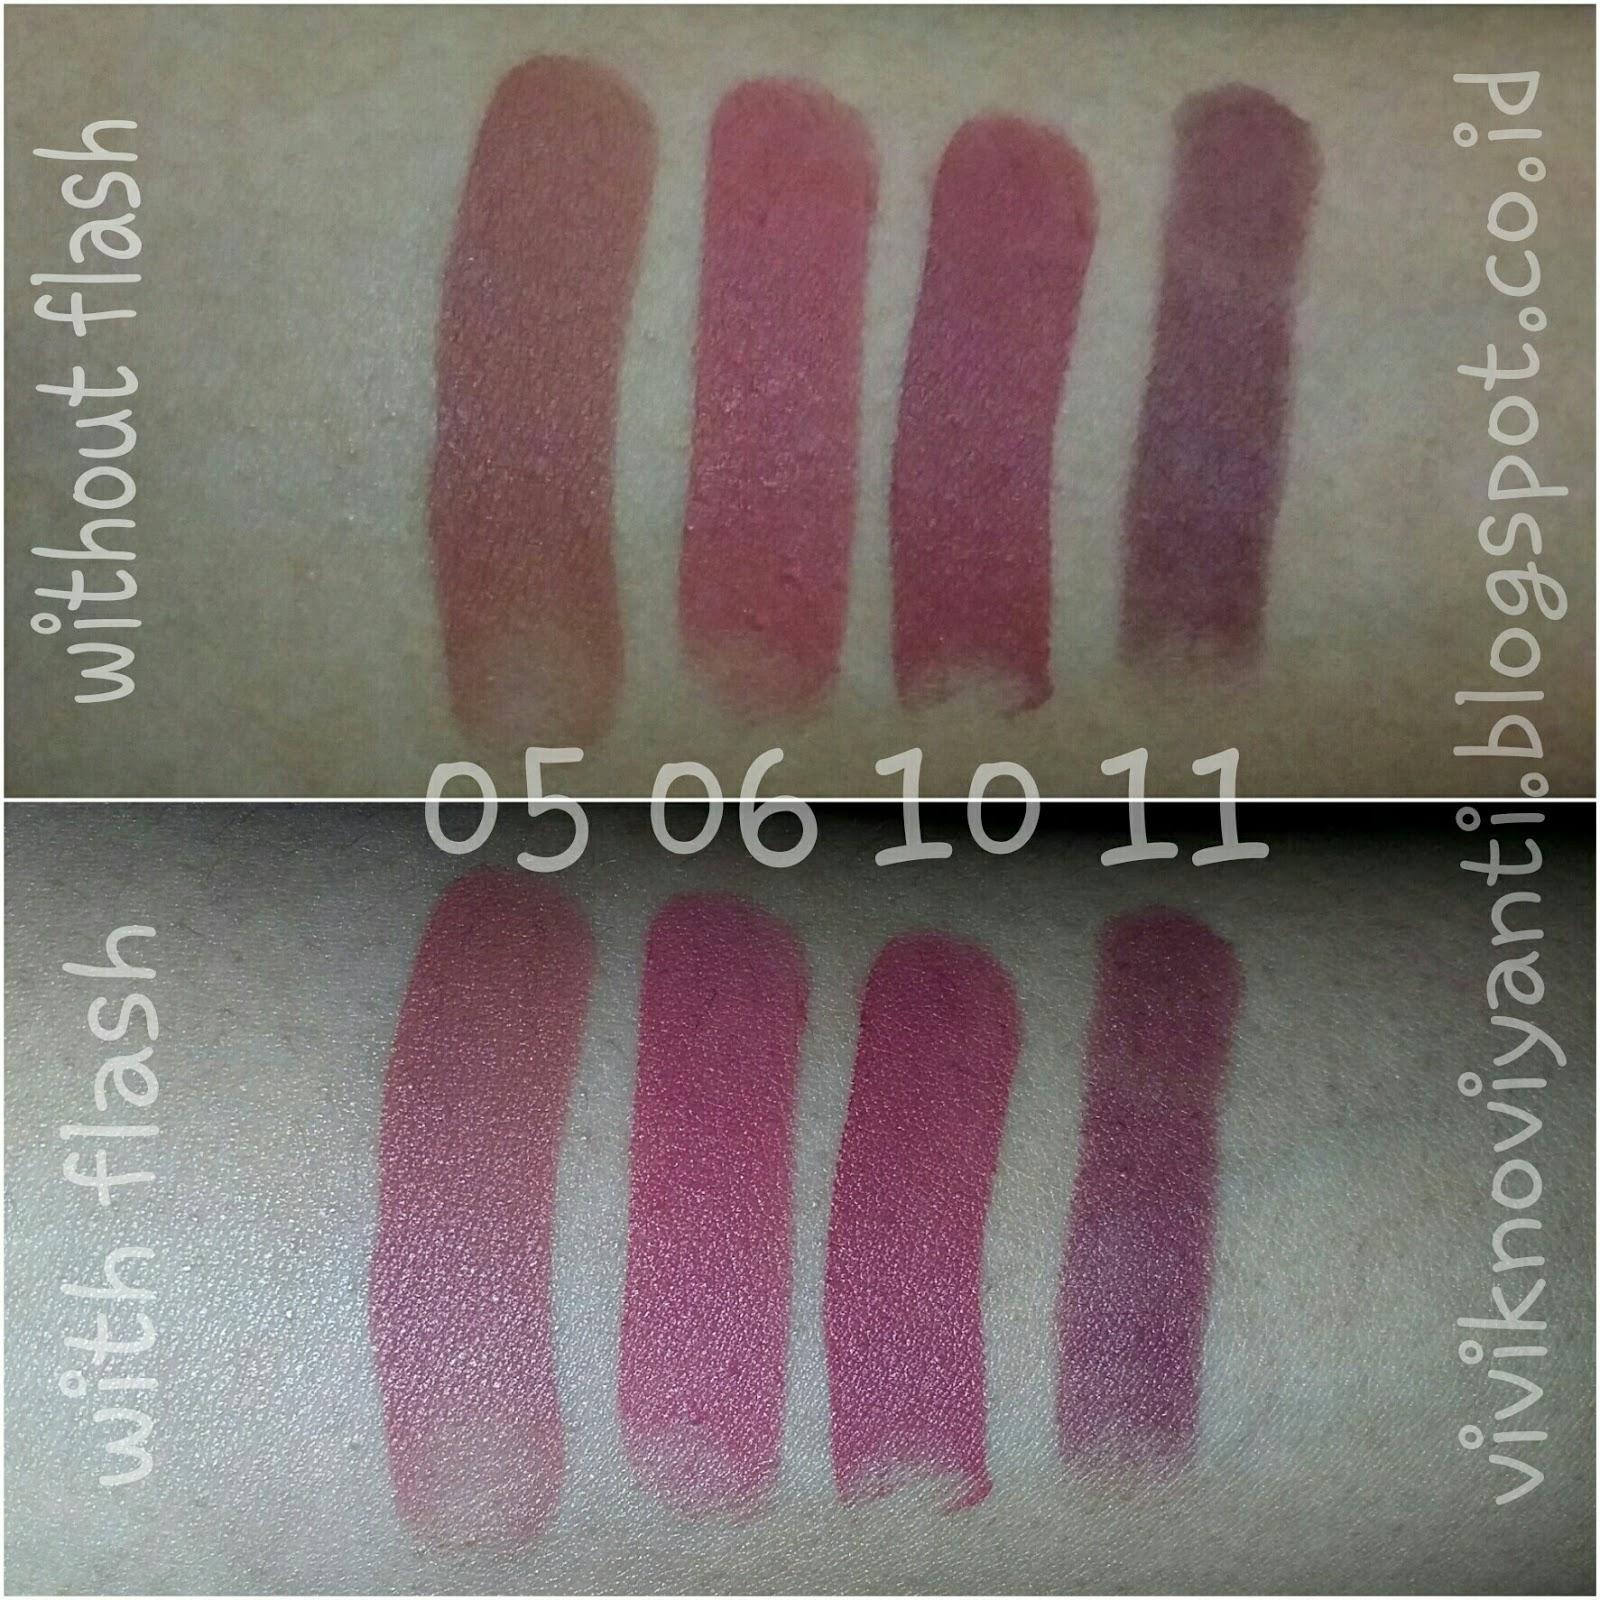 Youre My Endorphins Wardah Intense Matte Lipstick Review Lipstik Warna Kemasannya Cantik Banget Dan Setiap Dari Punya Kemasan Yang Berbeda